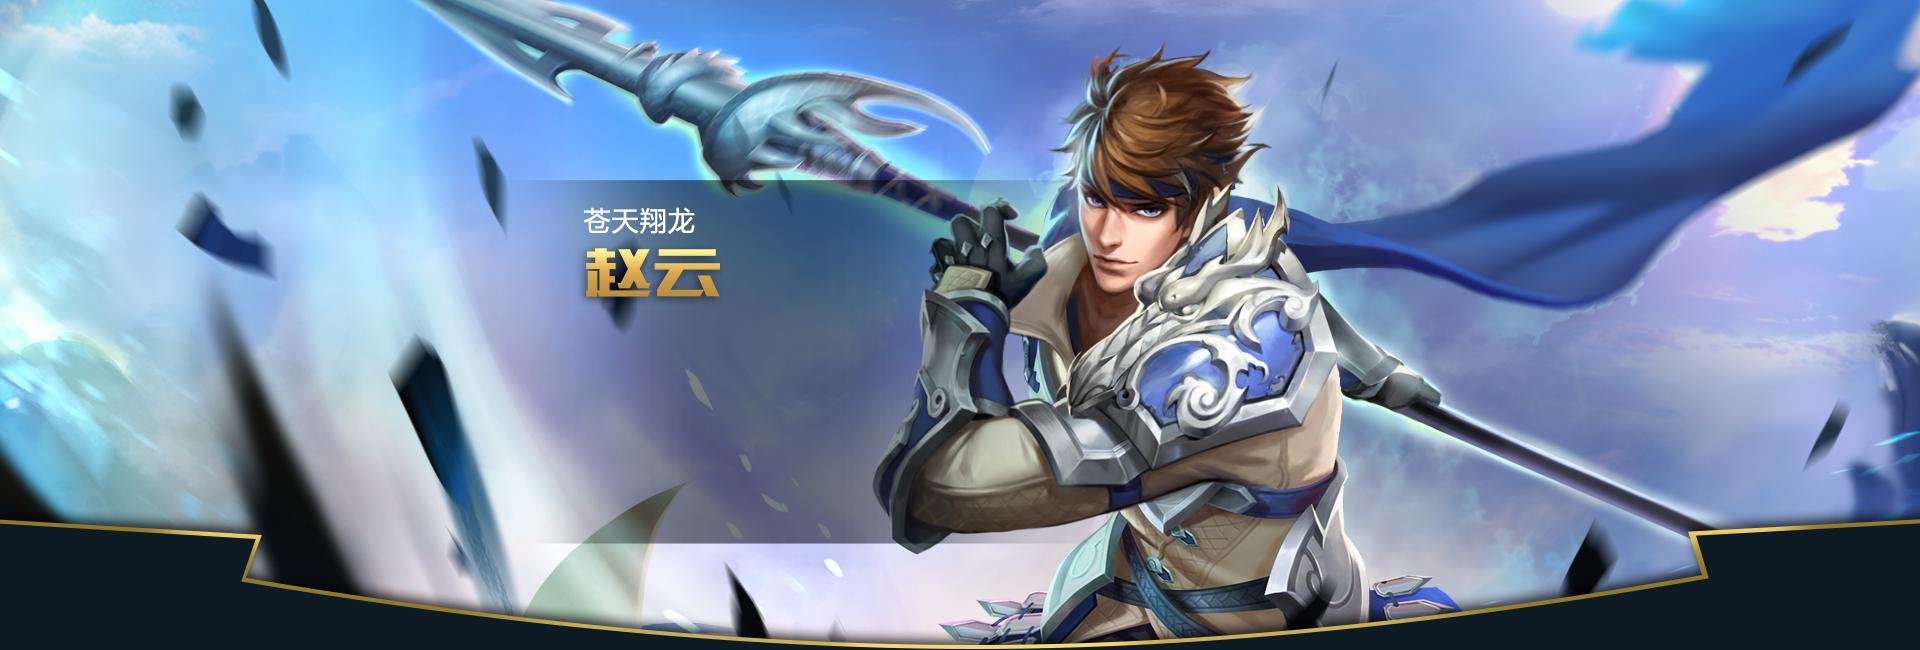 第2弹《王者荣耀英雄皮肤CG》竞技游戏127